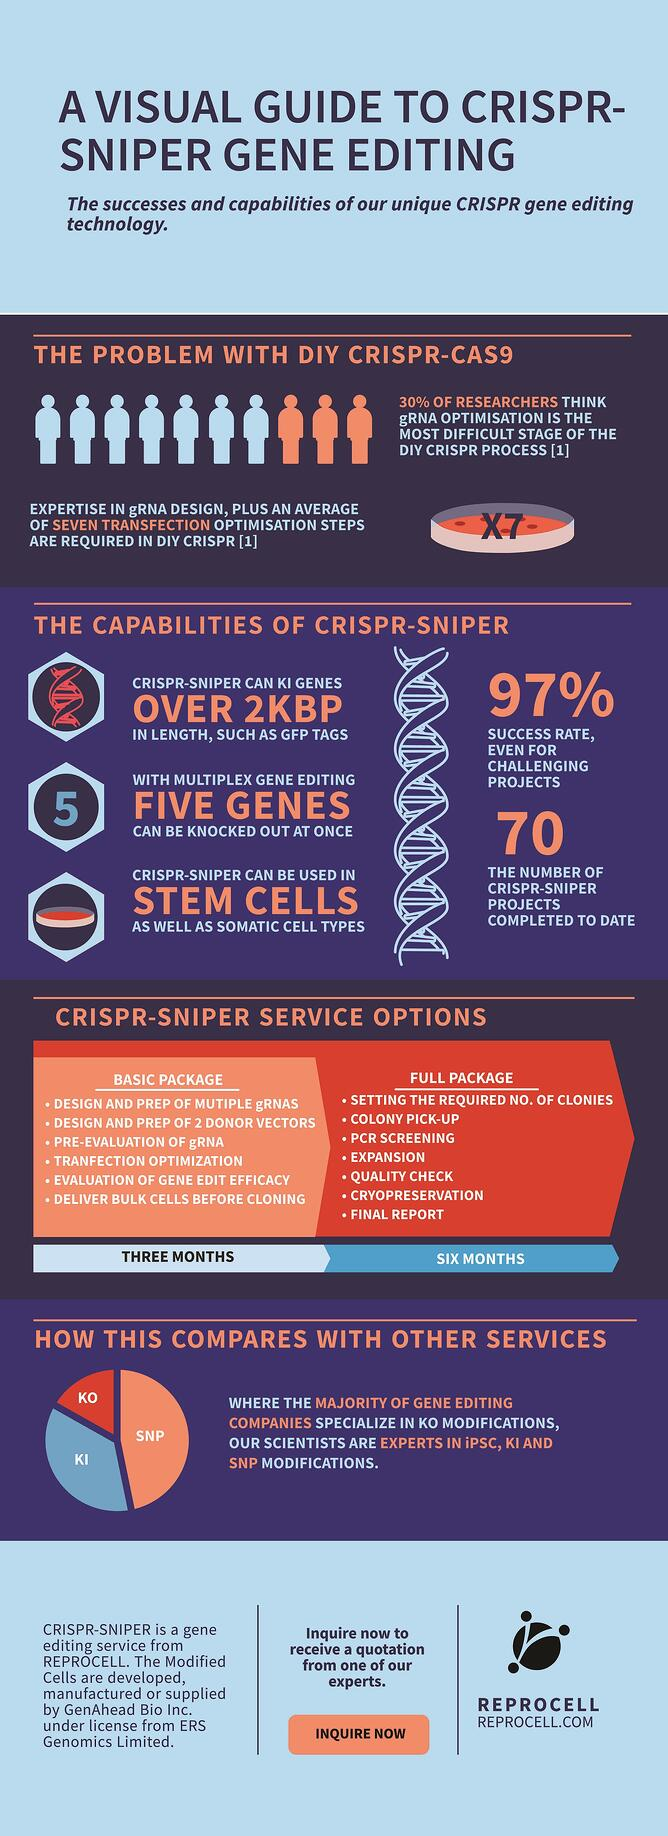 Infographic CRISPR-SNIPER Successes